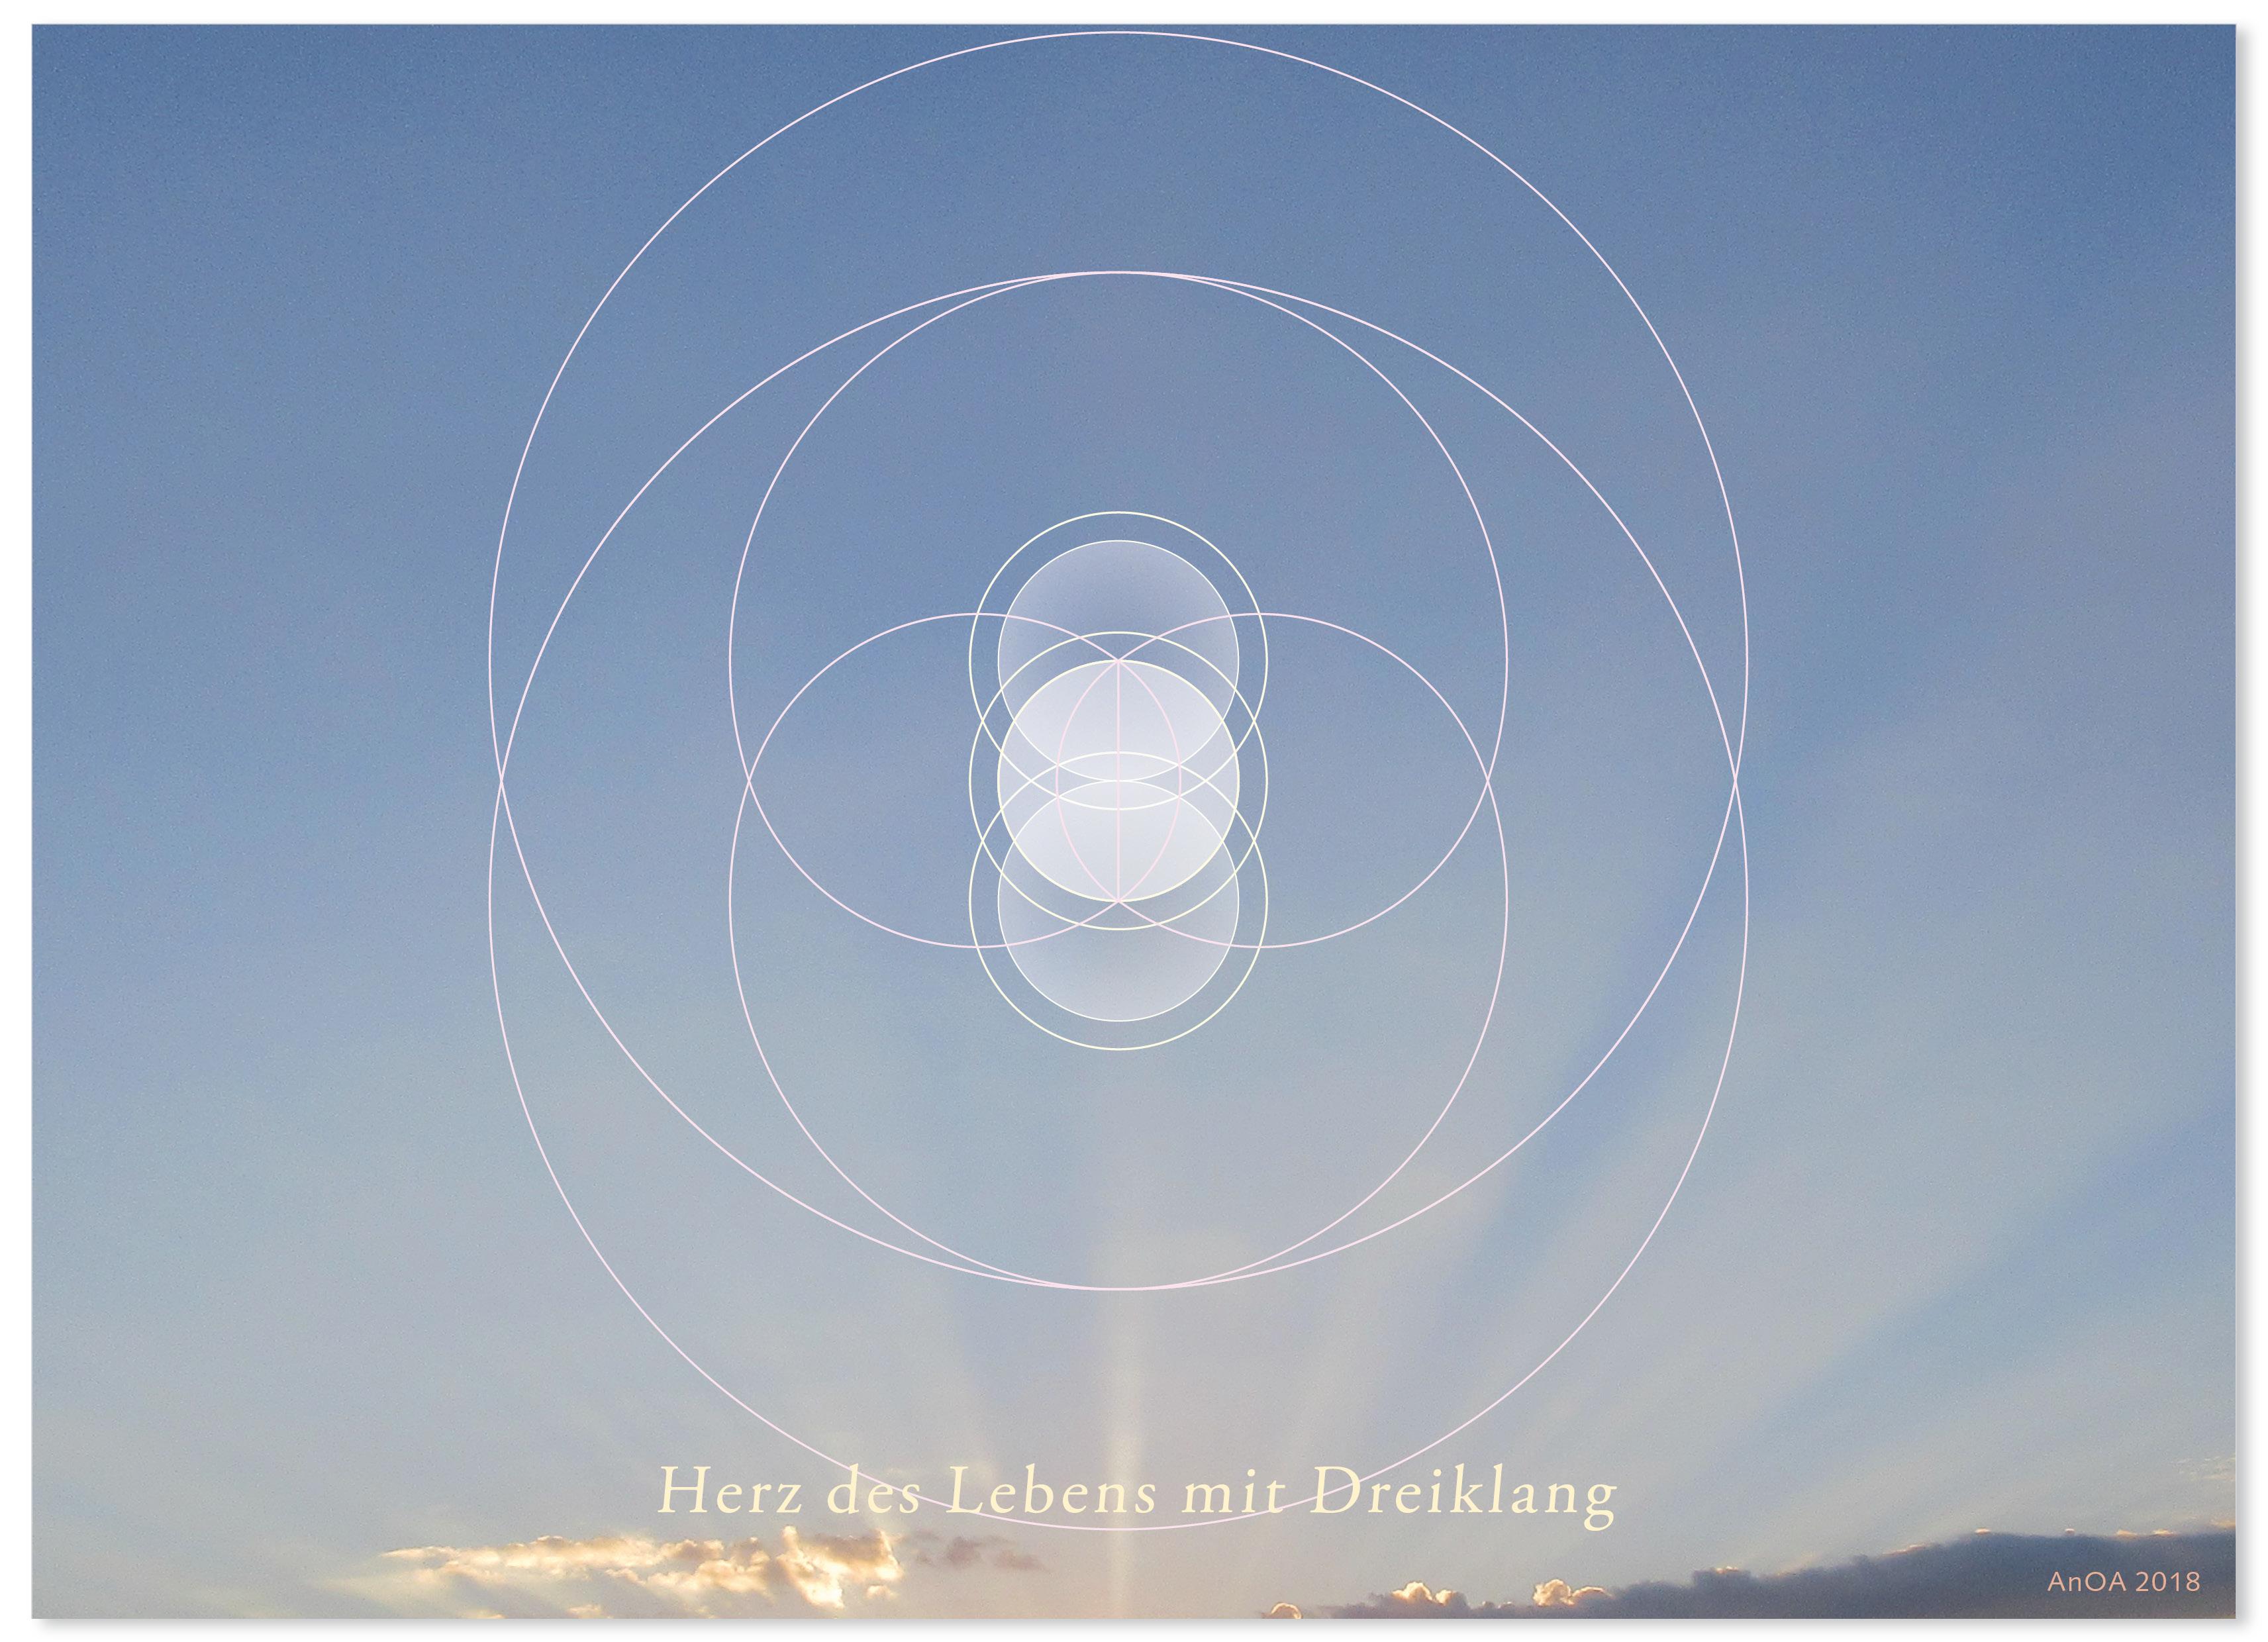 AnOAe-HerzdL-Dreiklang-201812-8